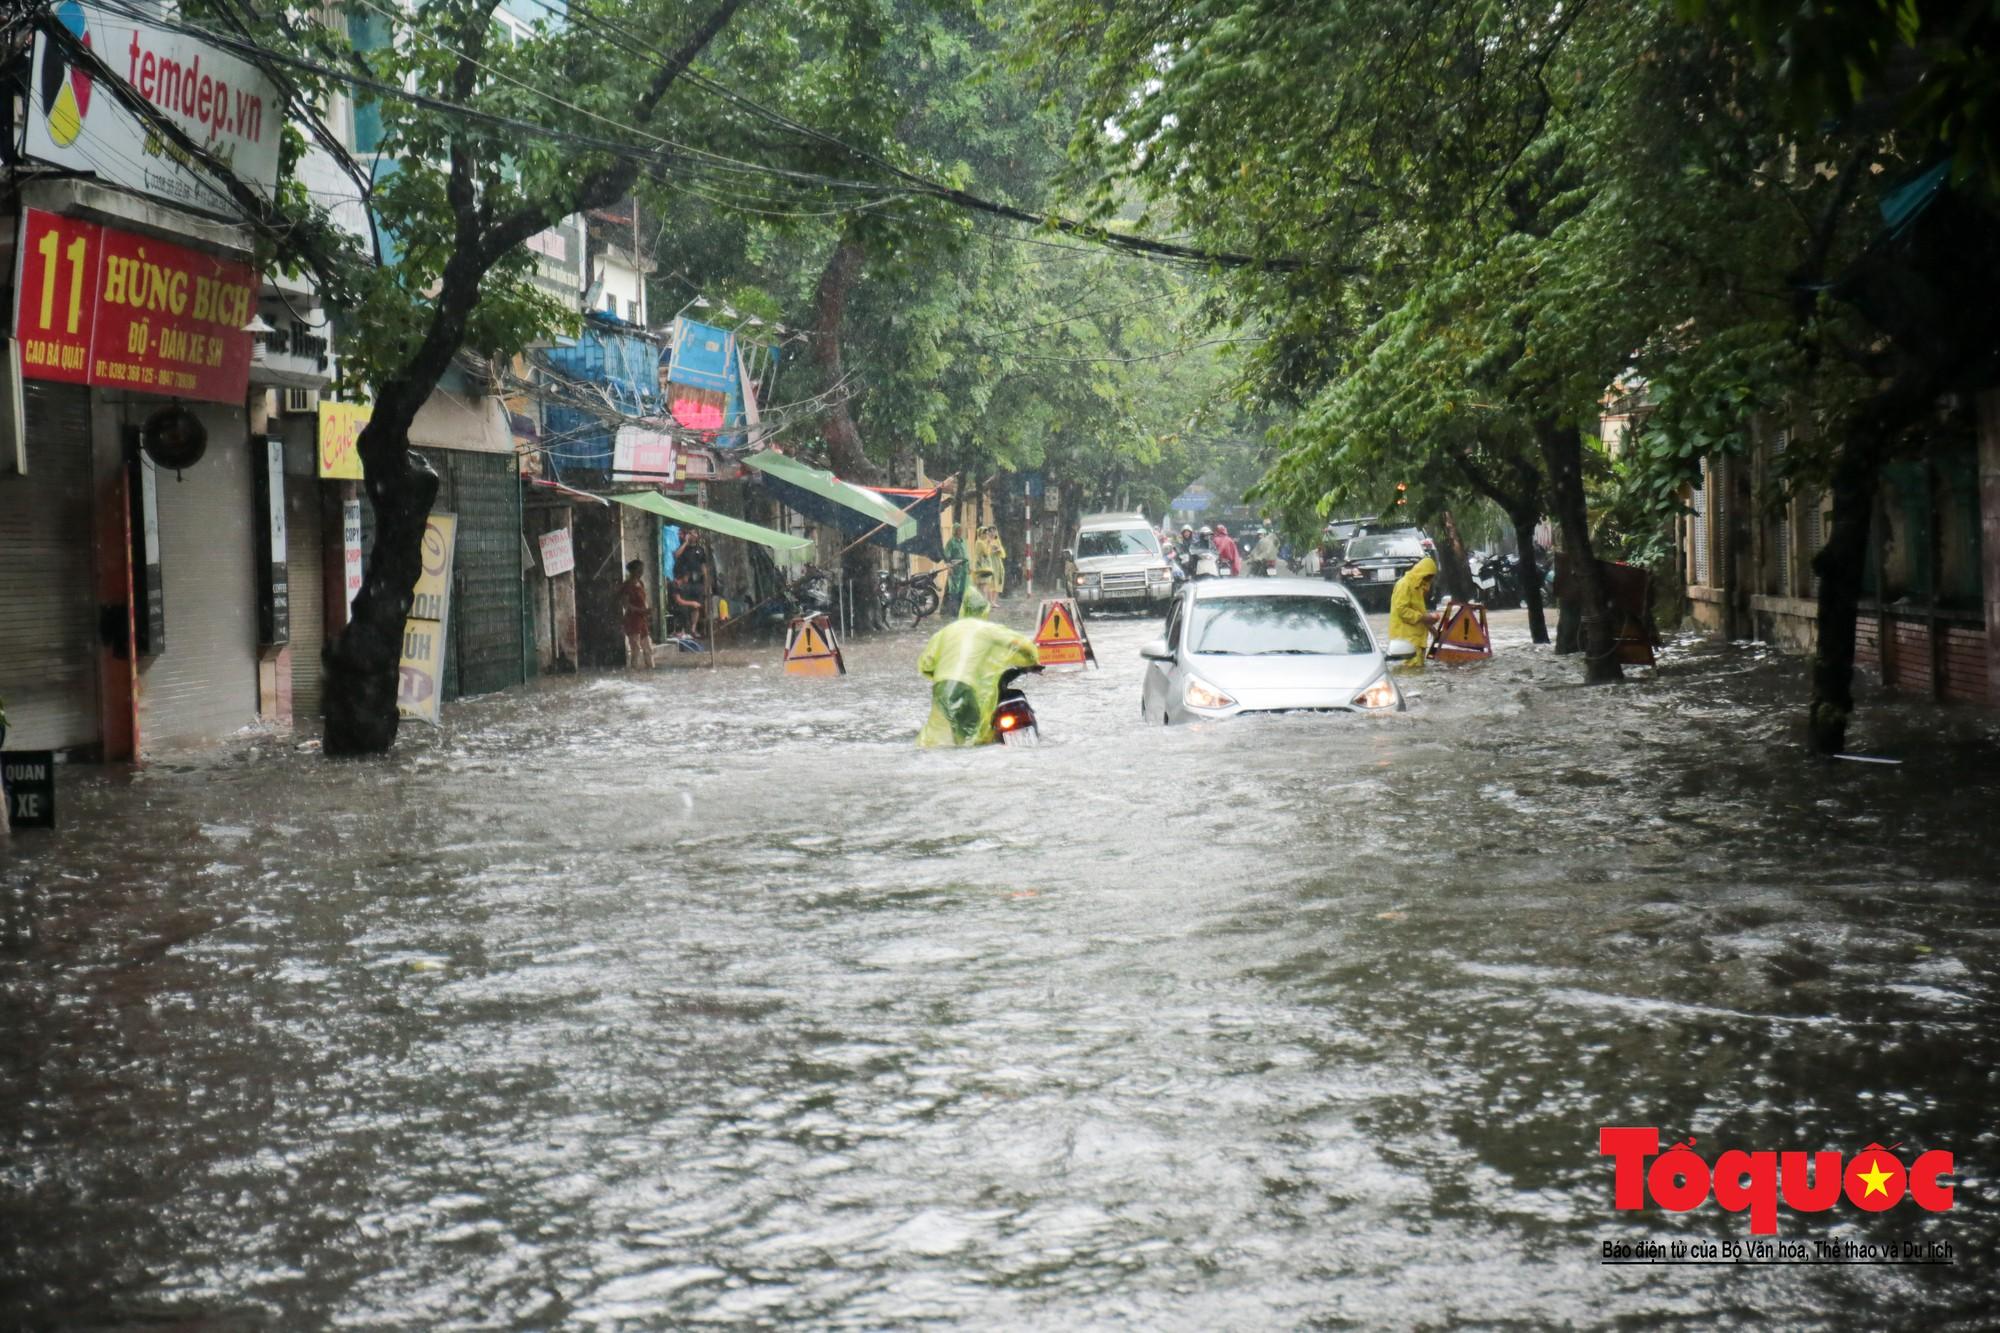 Hà Nội mưa lớn bất ngờ, nhiều tuyến đường lại ngập trong sâu biển nước35